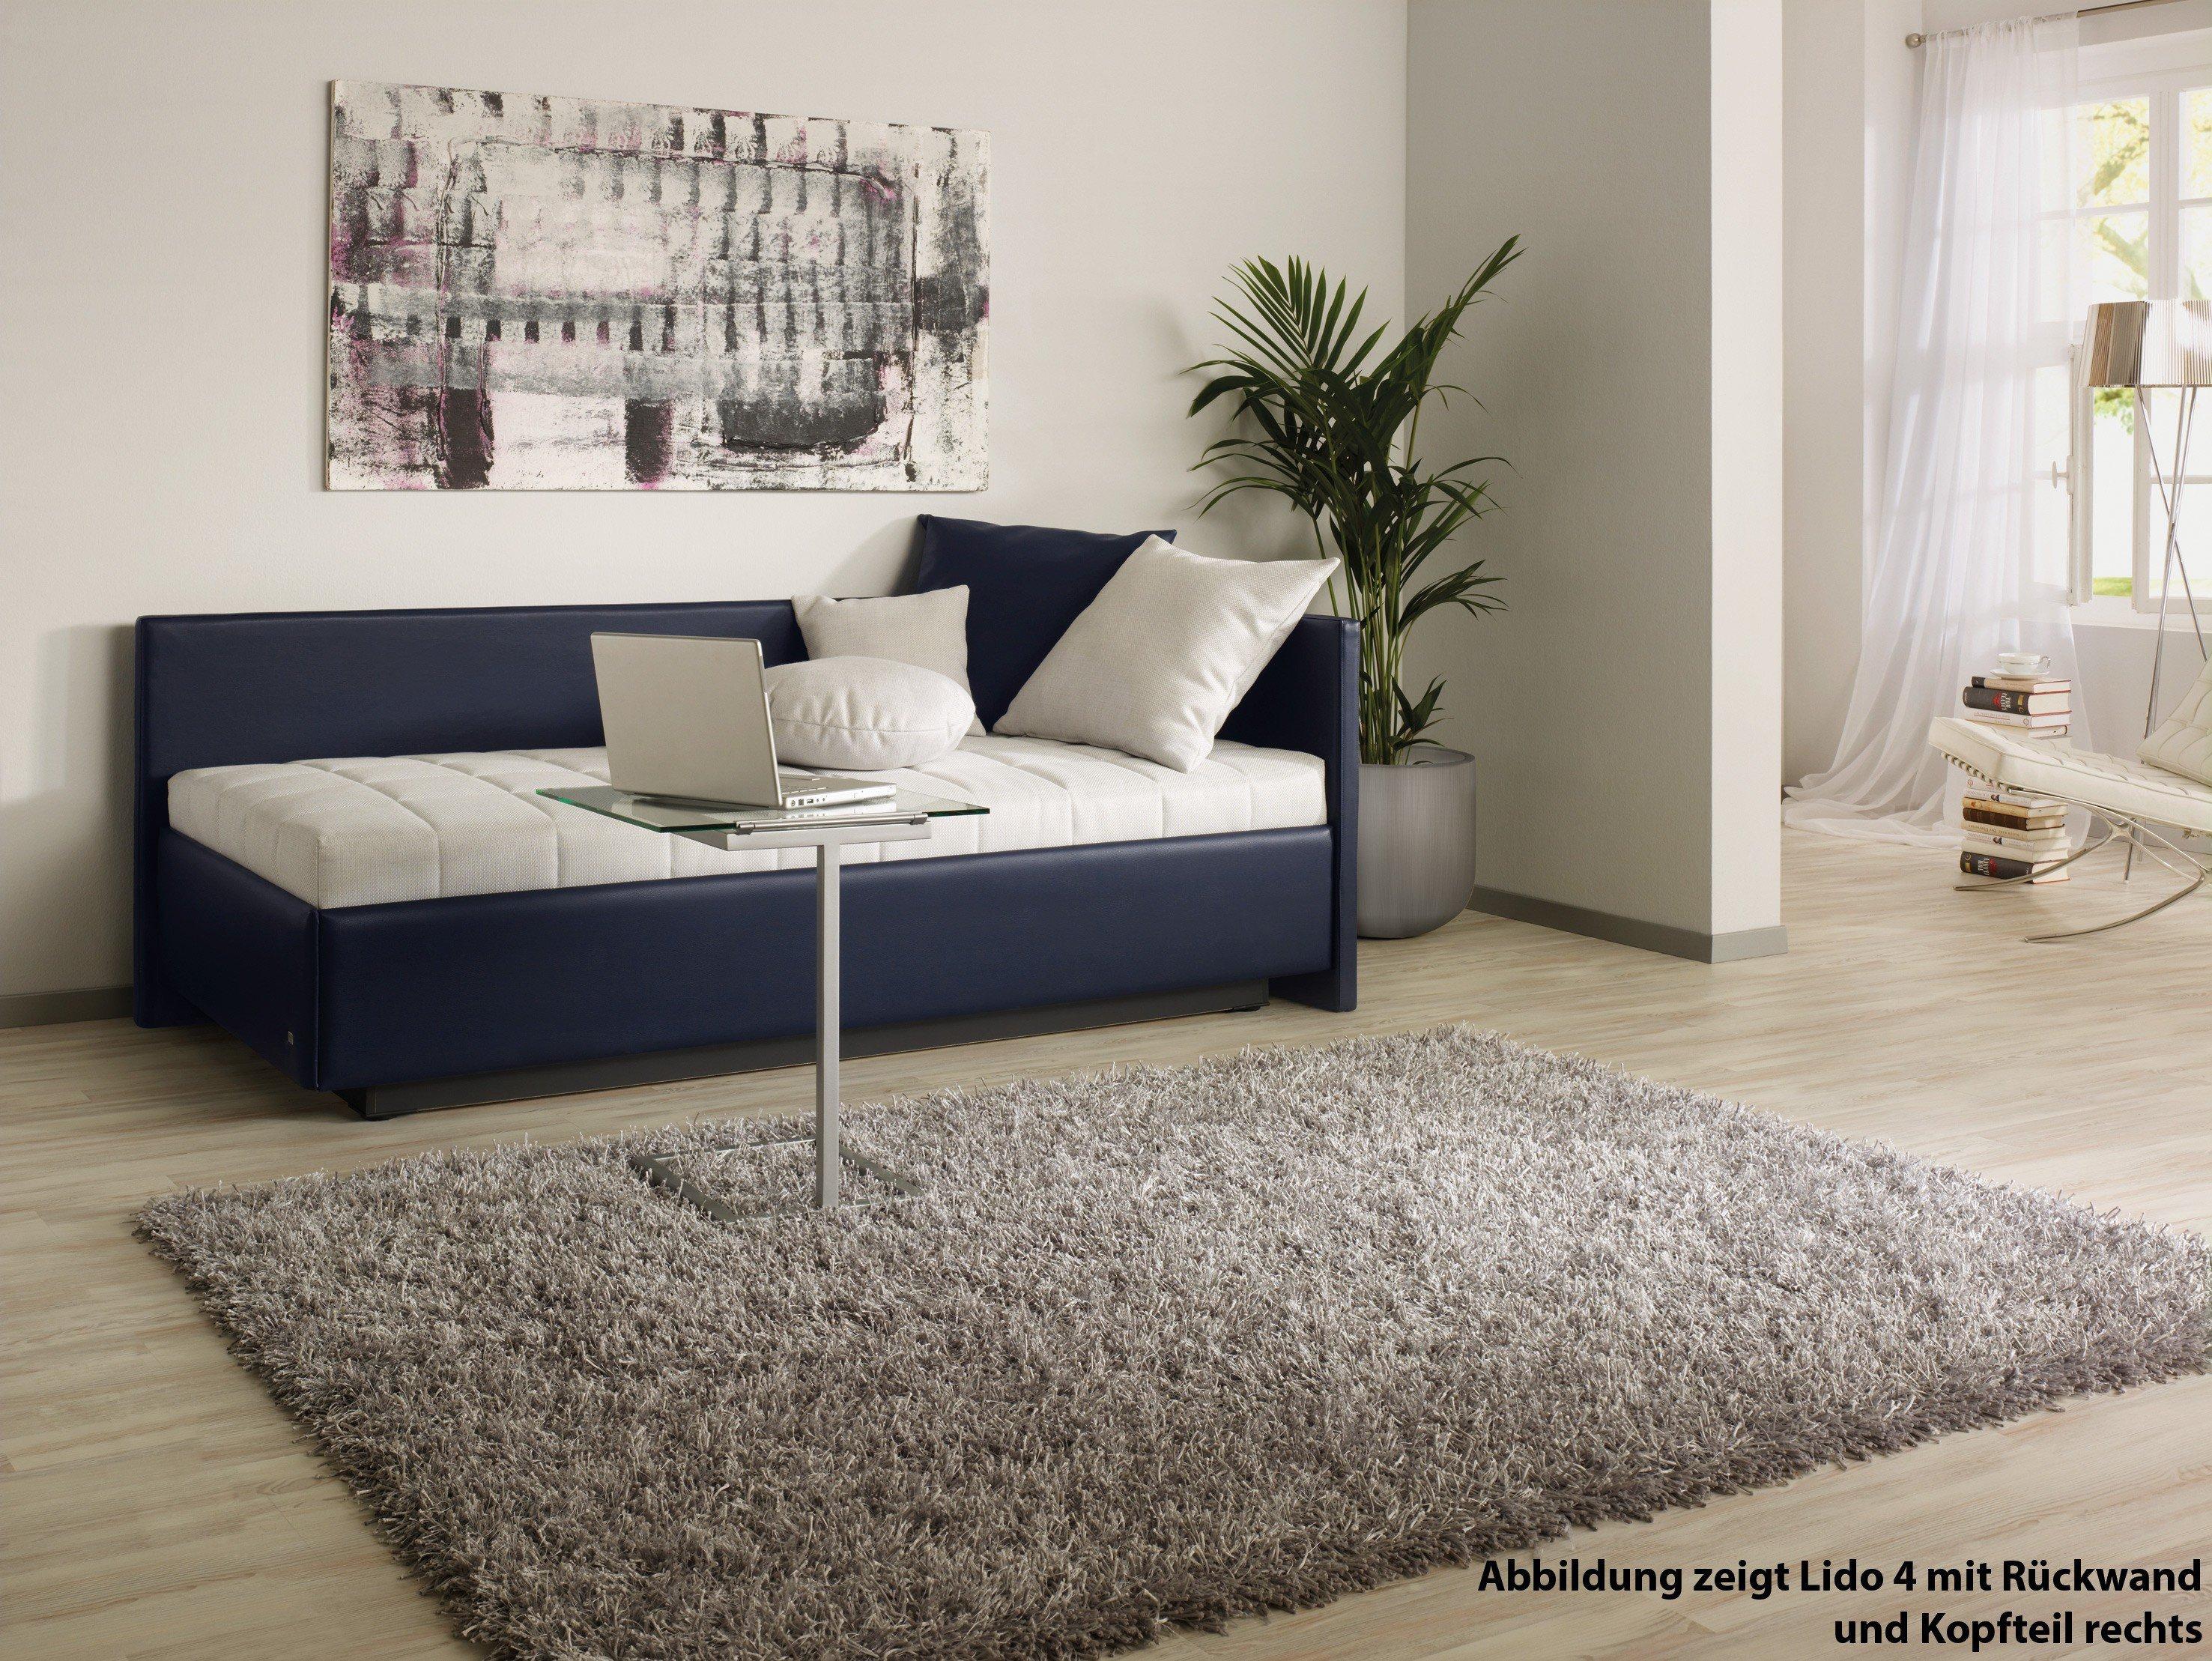 ruf polsterbett modell lido in dunkelblau mit bettkasten m bel letz ihr online shop. Black Bedroom Furniture Sets. Home Design Ideas